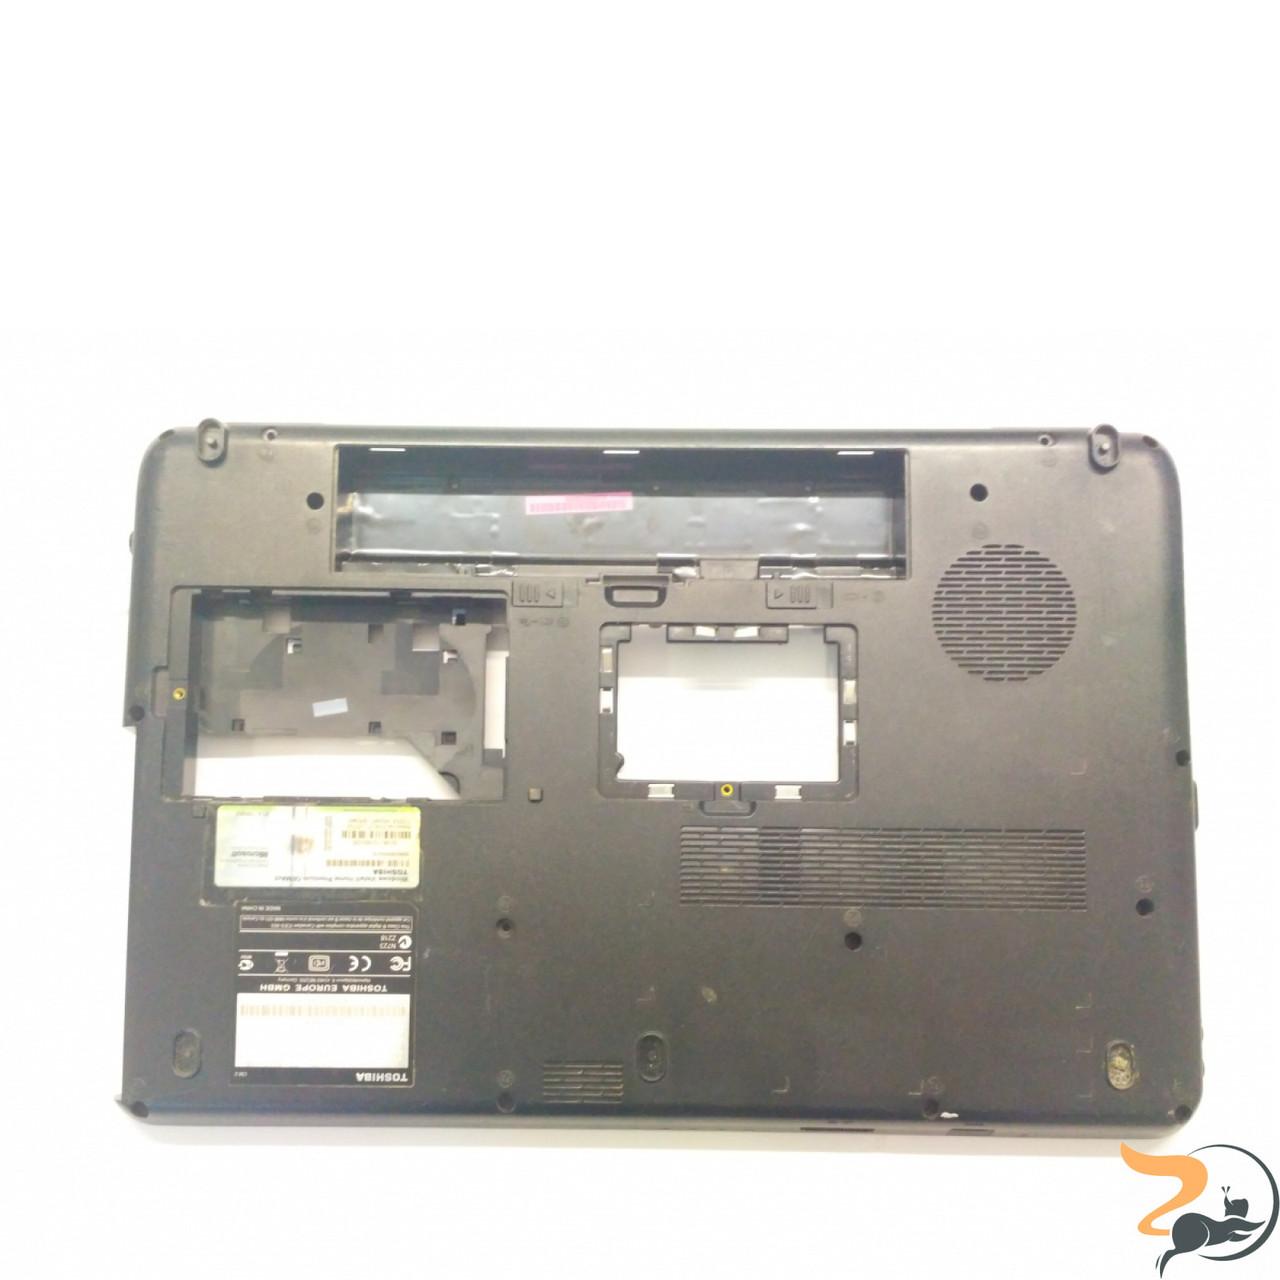 """Нижня частина корпуса для ноутбука Toshiba Satellite L500D, 15.6"""", V000180430, Б/В. Всі кріплення цілі.Є Тріщини, вказані на фото."""